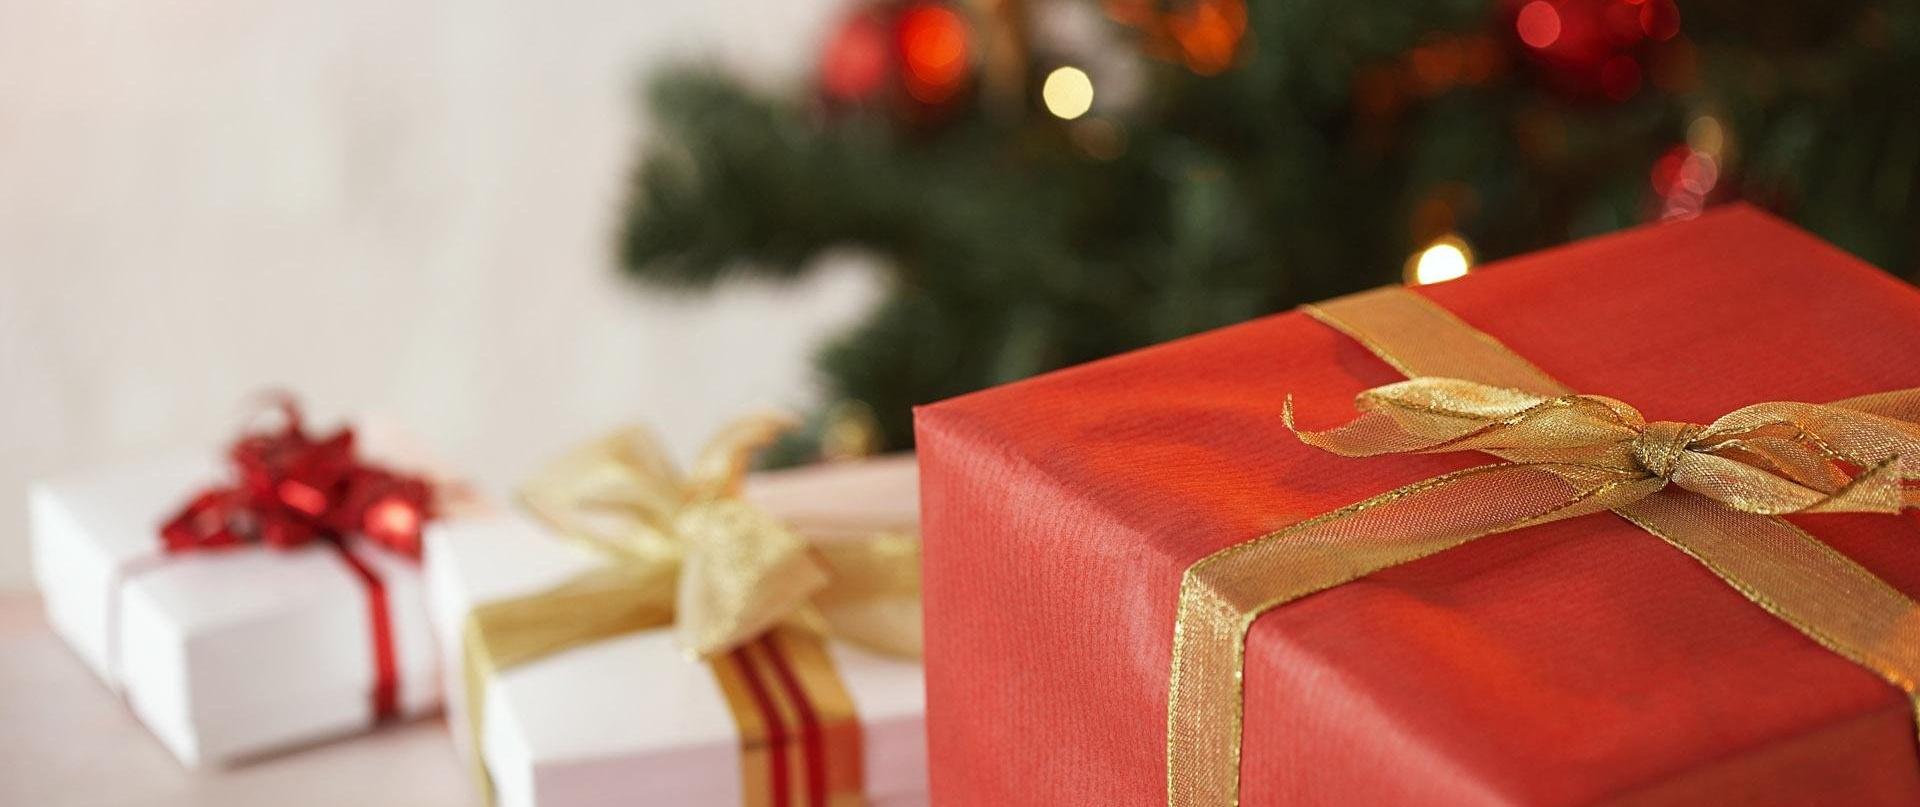 Со скольки лет выдаются новогодние подарки